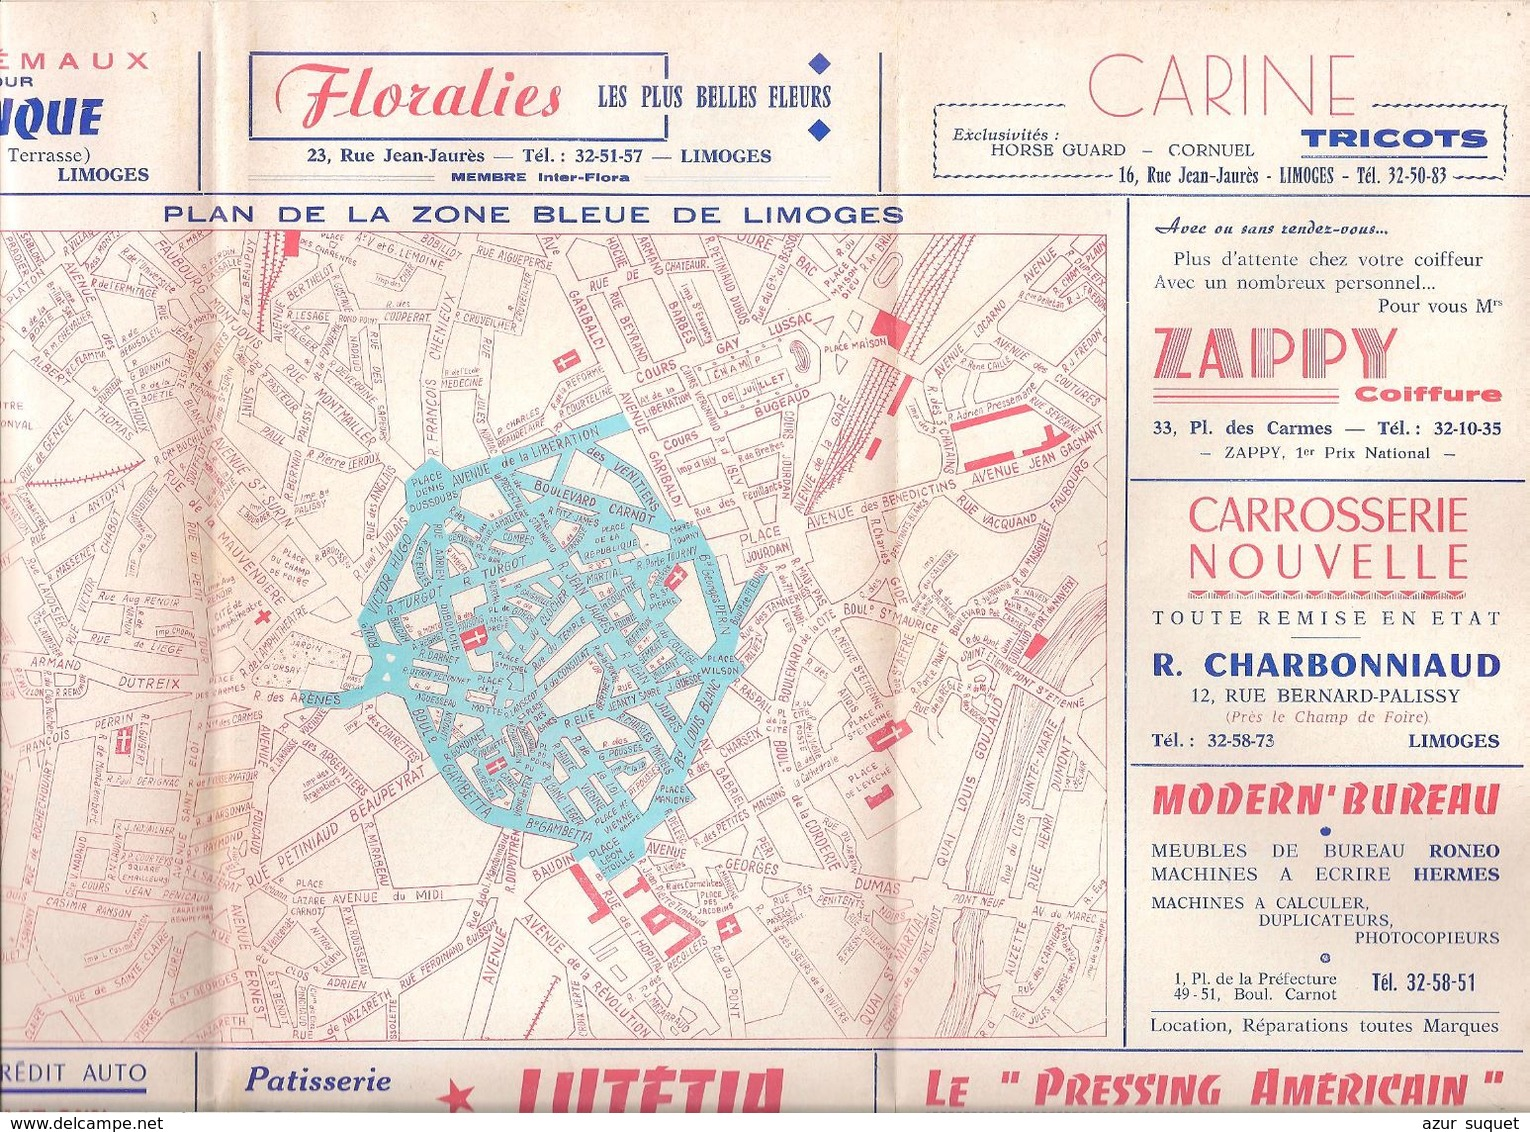 FRANCE/ANCIEN PLAN TRYPTICLE  DE ZONE BLEUE(1963)DE LA VILLLE DE LIMOGES/   NOM REUSES PUBLICITES AURECTO ET VERSO - Europe